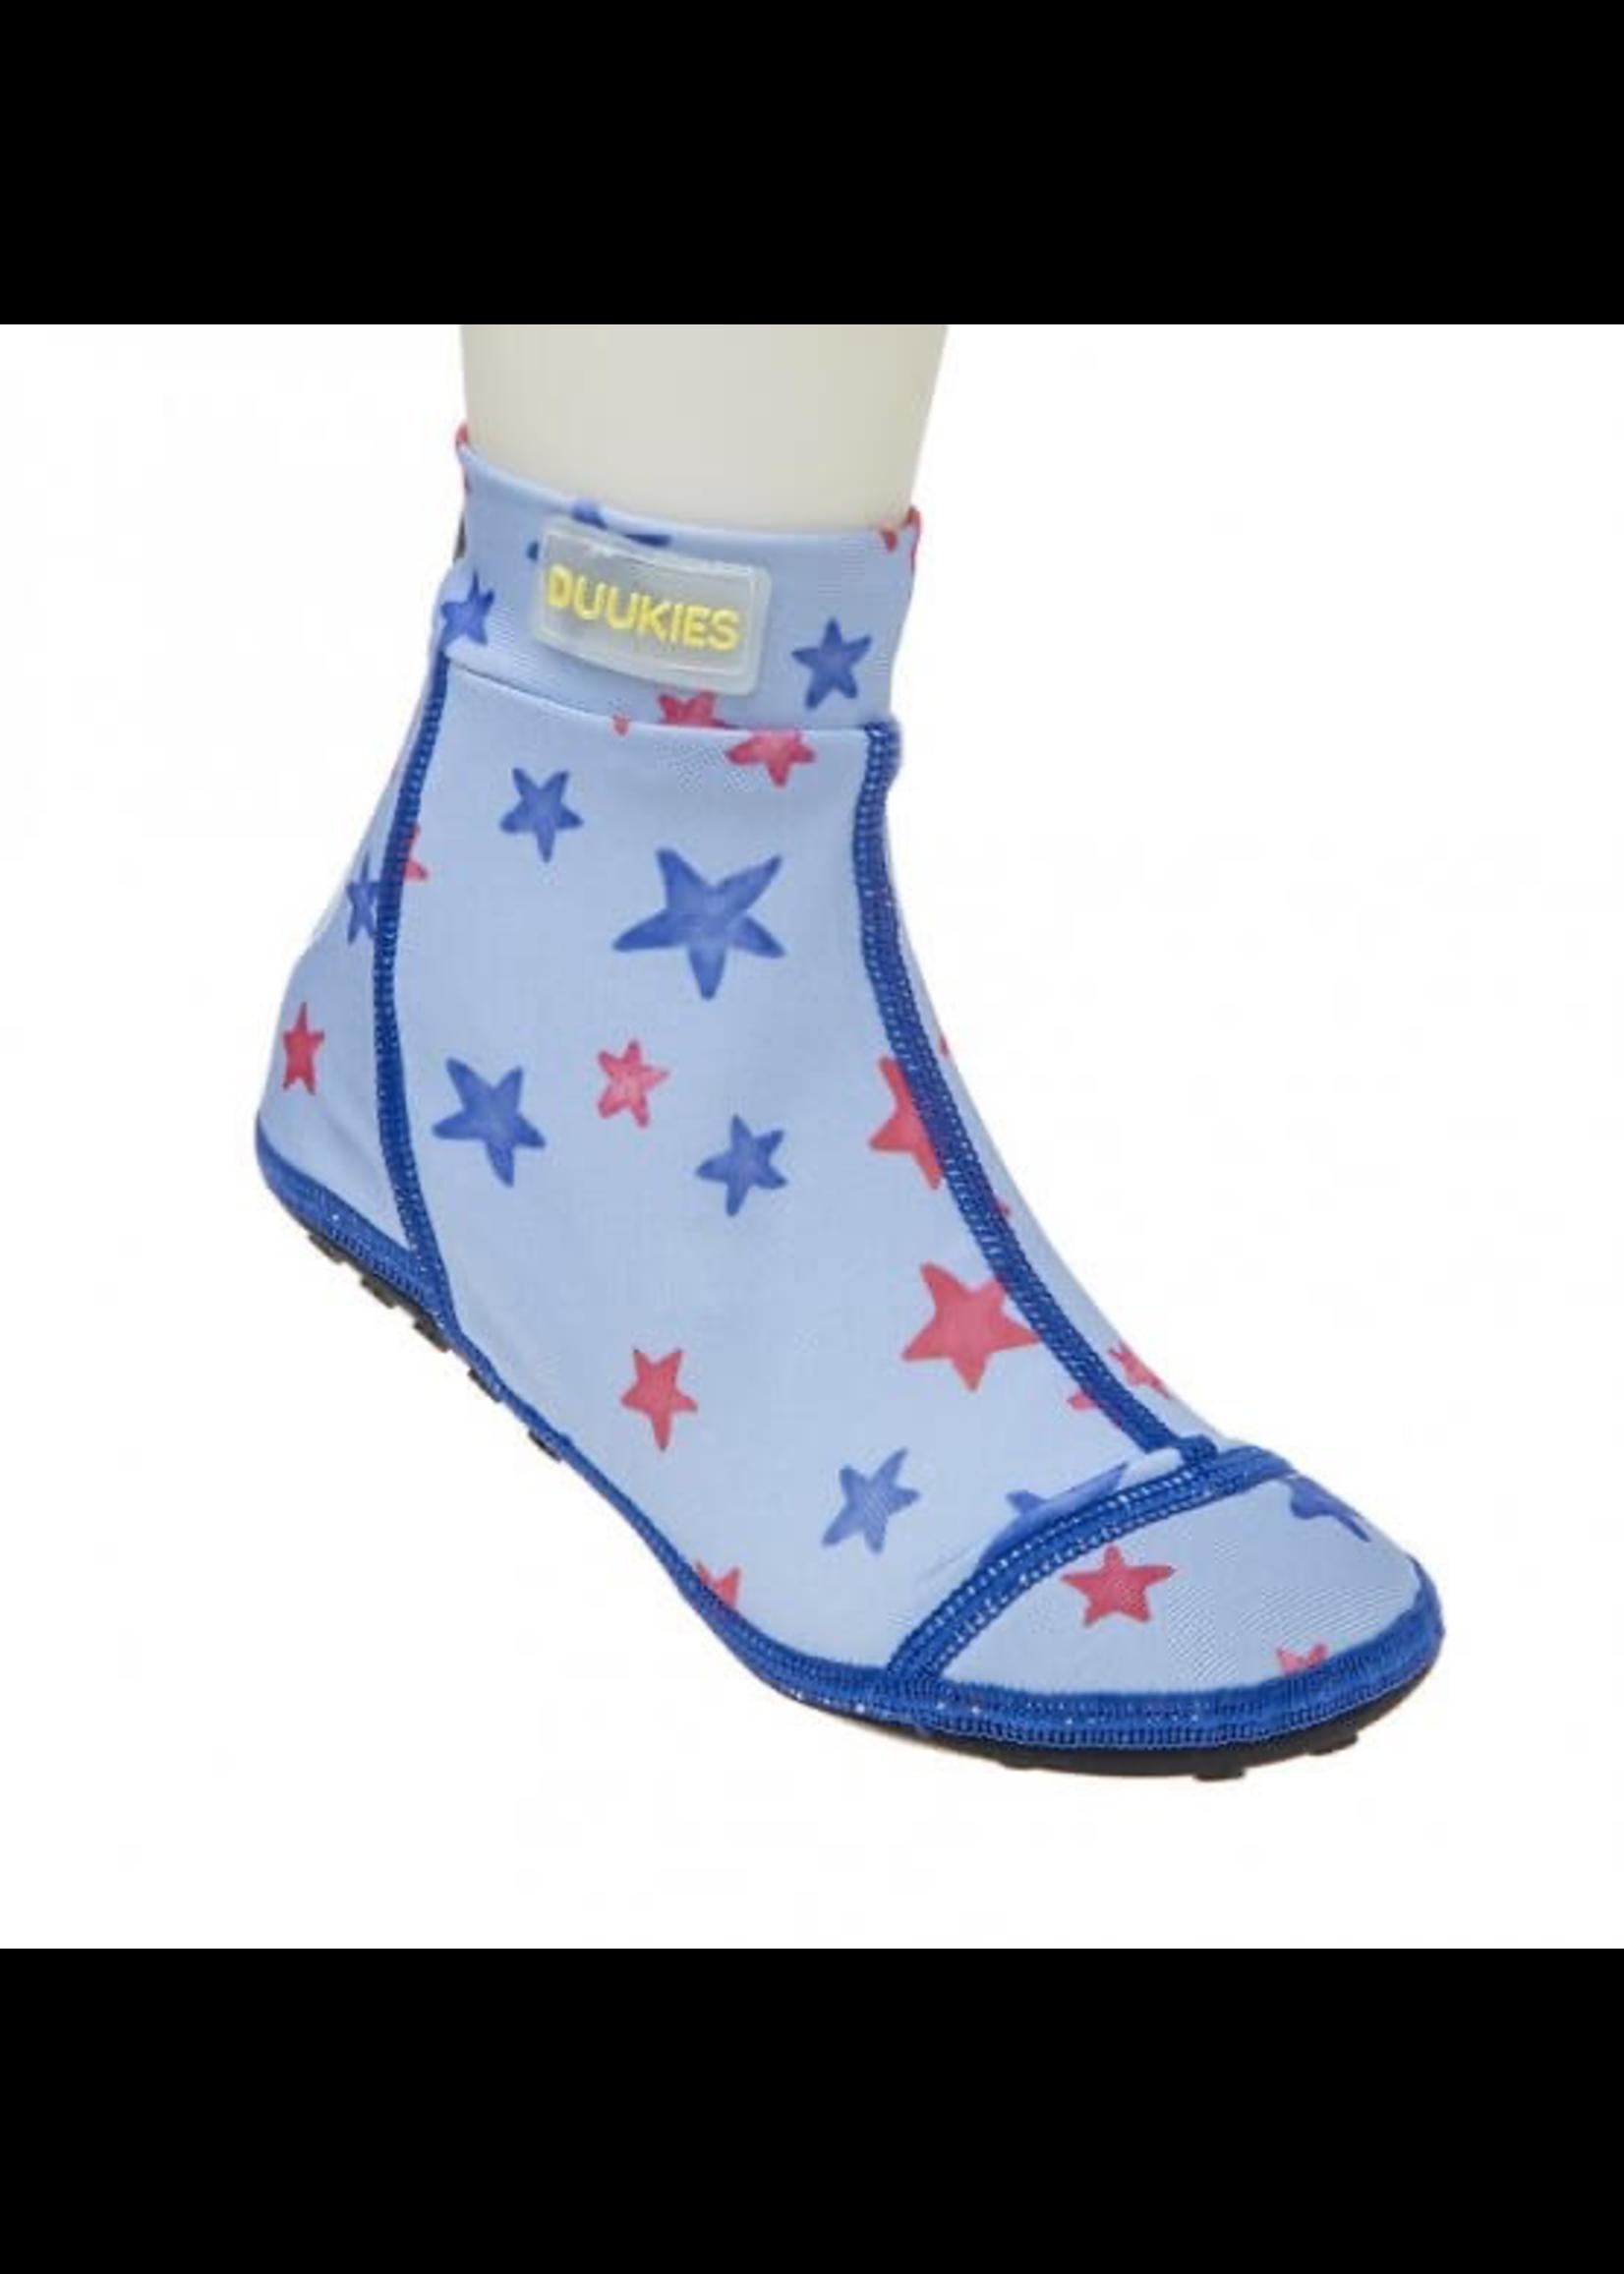 Duukies Duukies, Beach Socks for Boy - P-60987